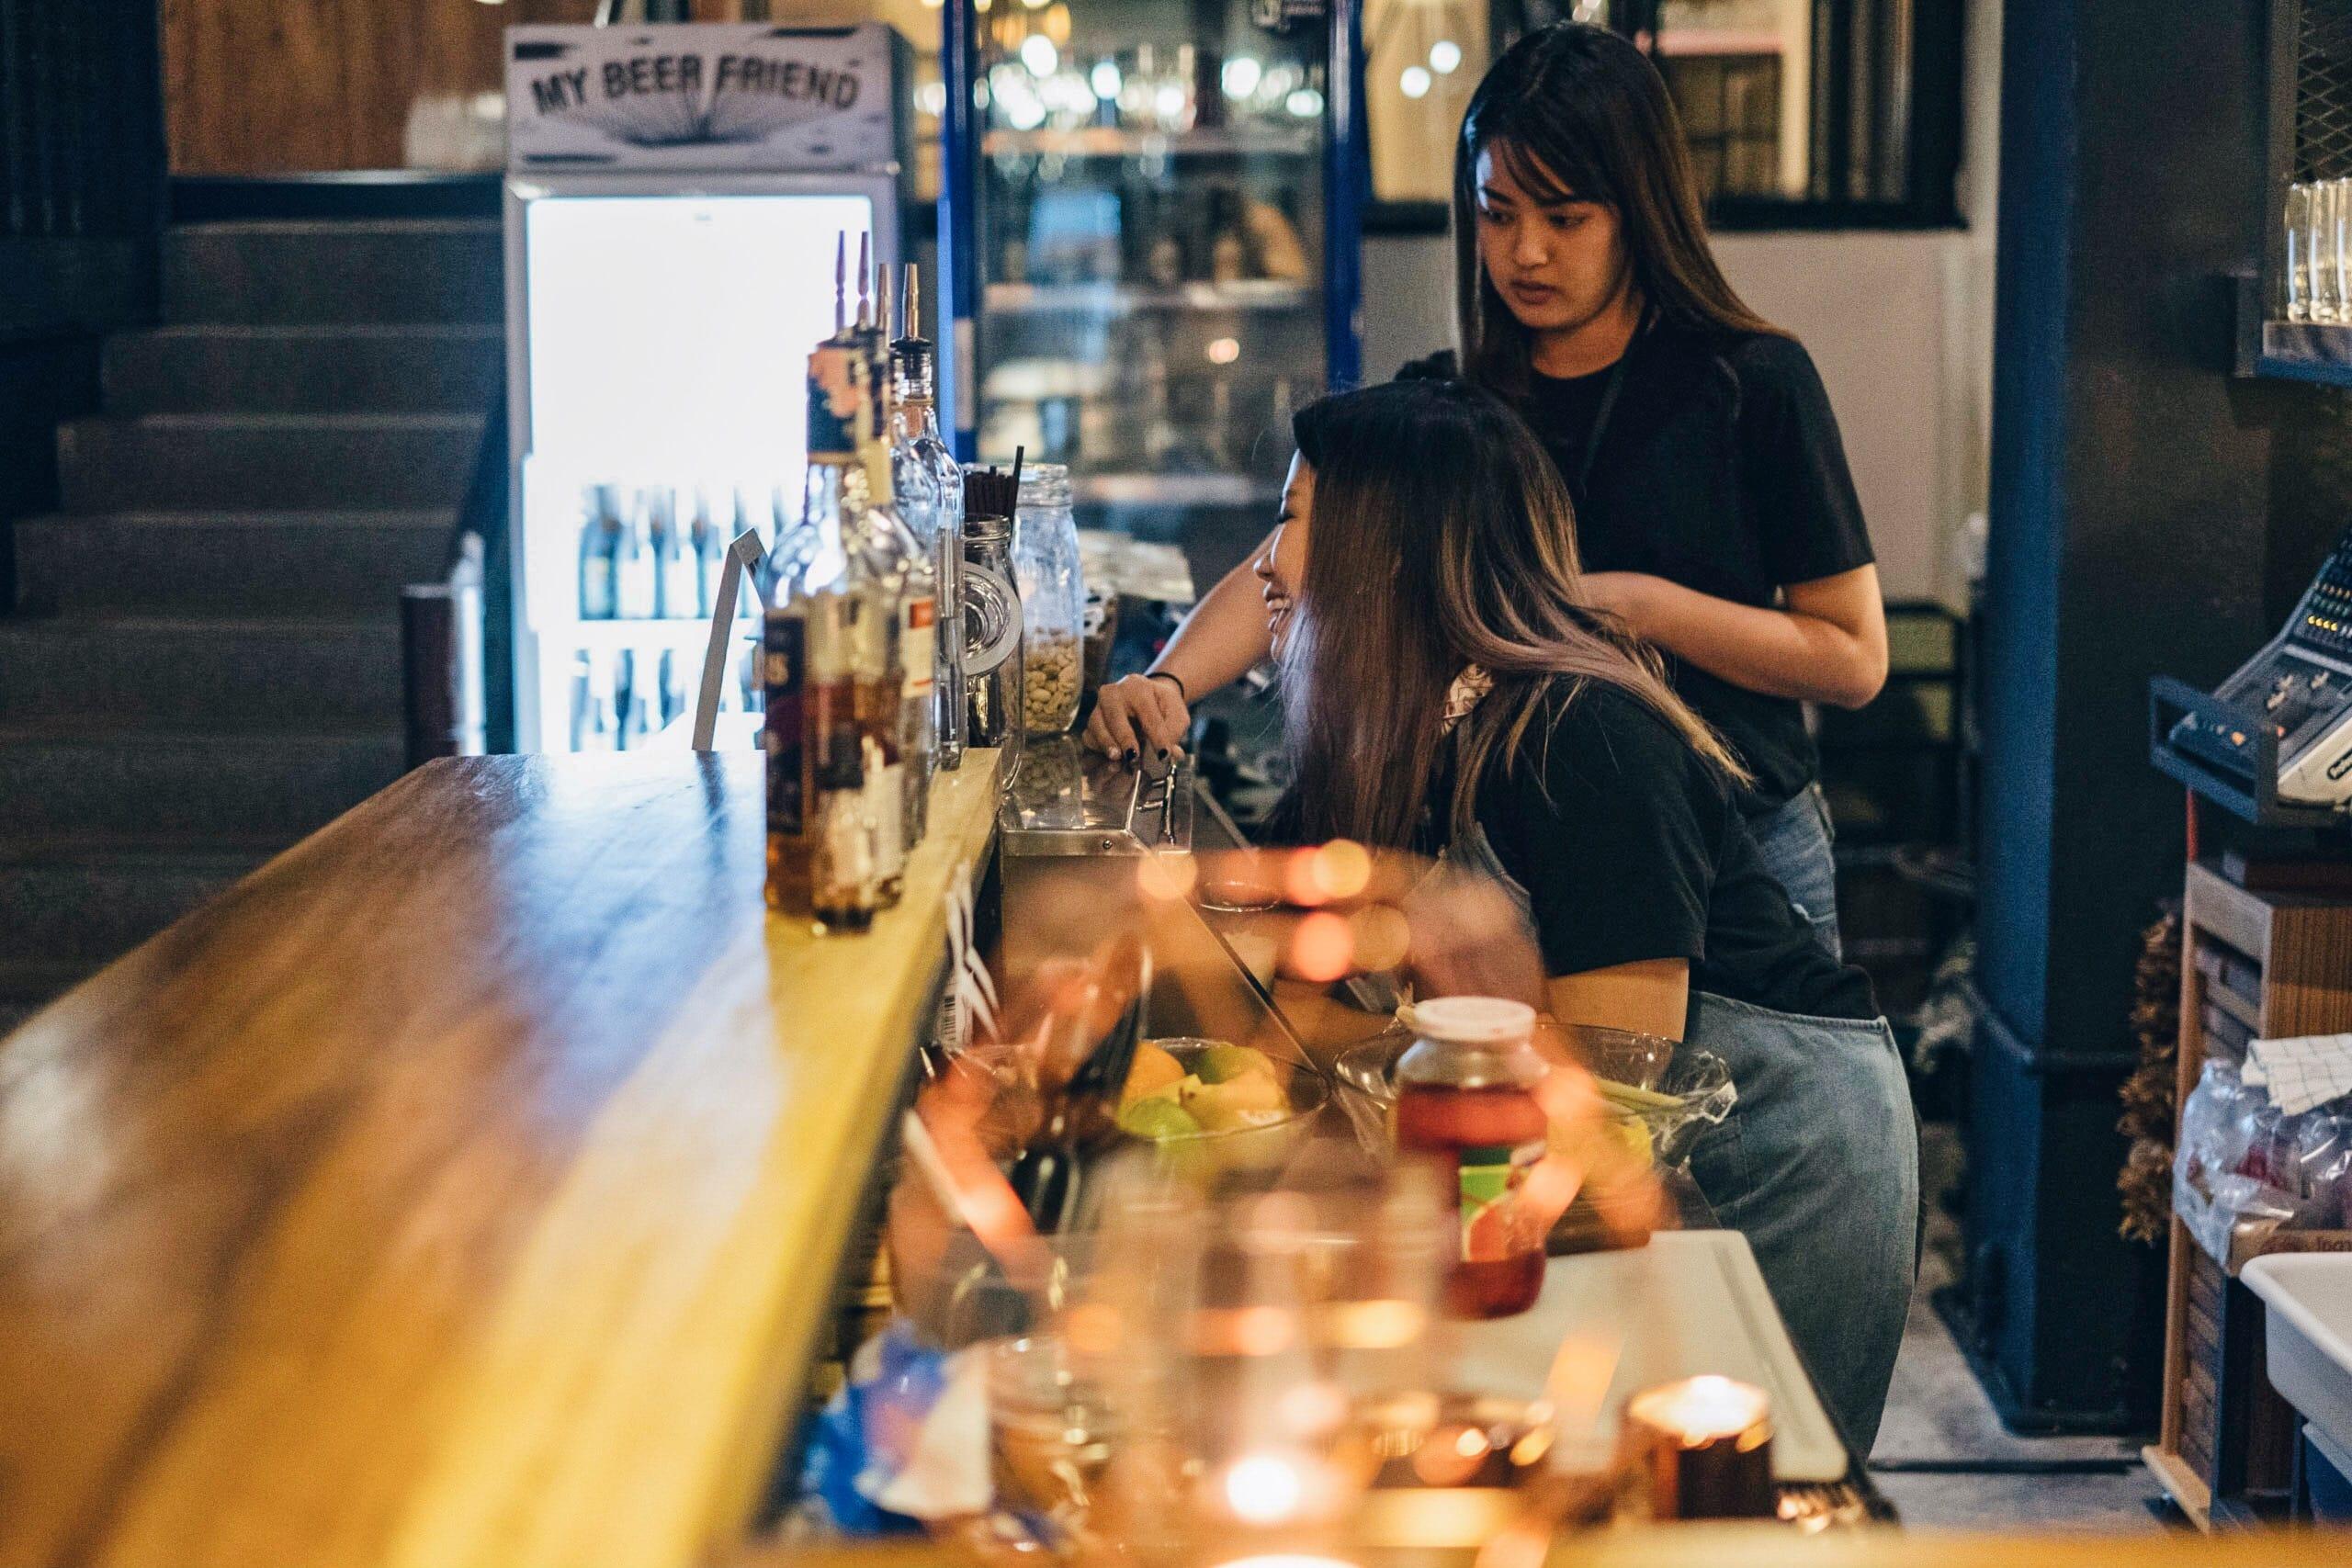 一人旅に最適なチェンマイおすすめの格安ホテル 6選【体験談】|タイ